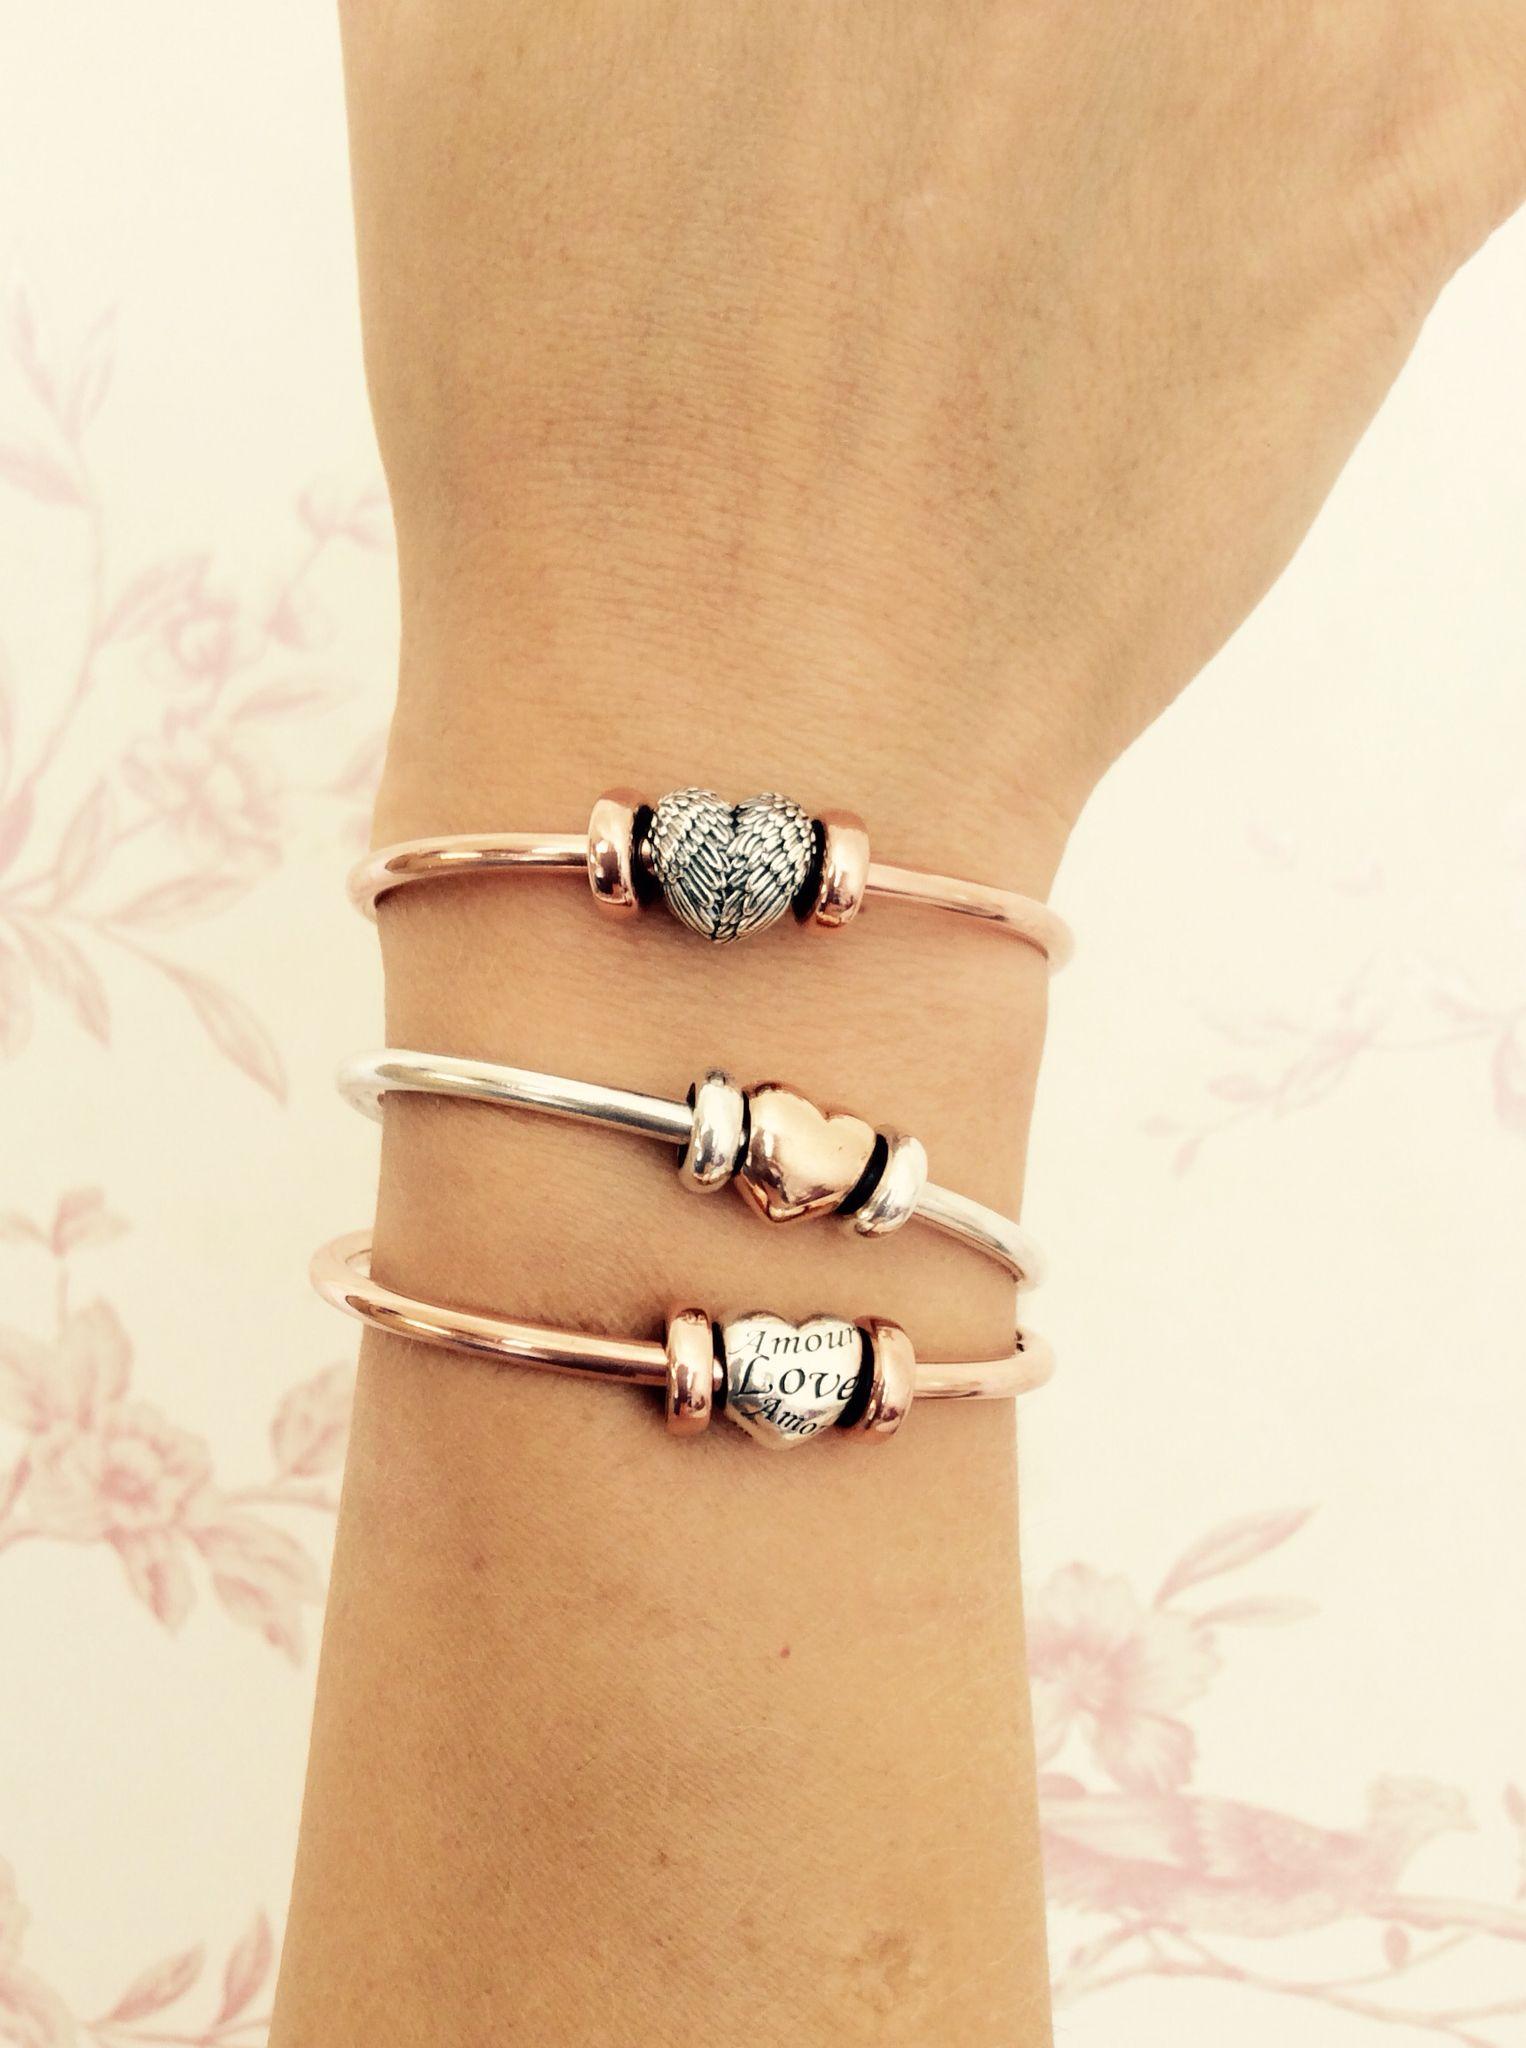 Pin by fay Anastasopoulos on Pandora Pinterest Pandora jewelry